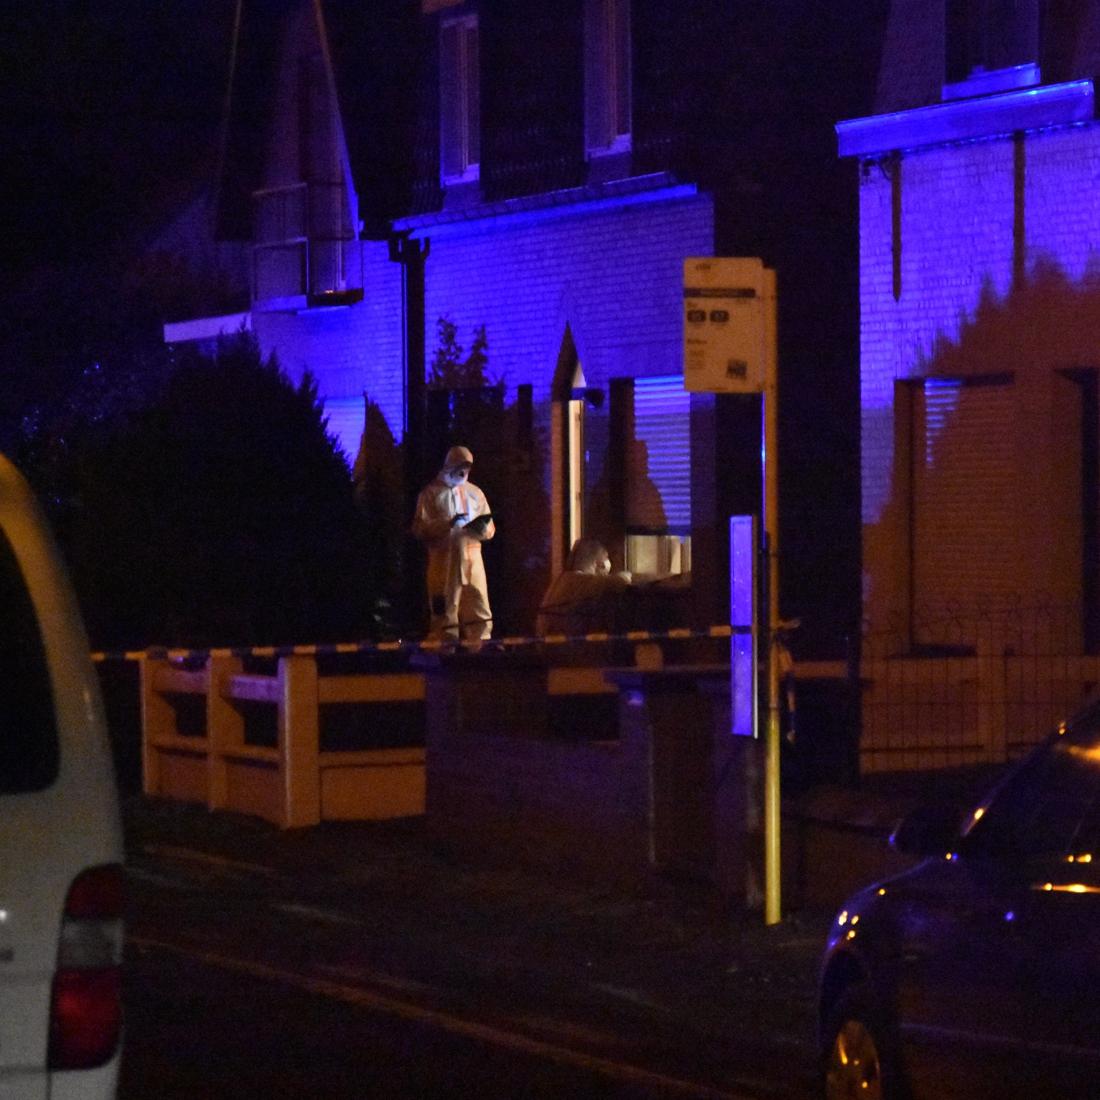 Schietincident met zwaargewonde in Lievegem: man opgepakt